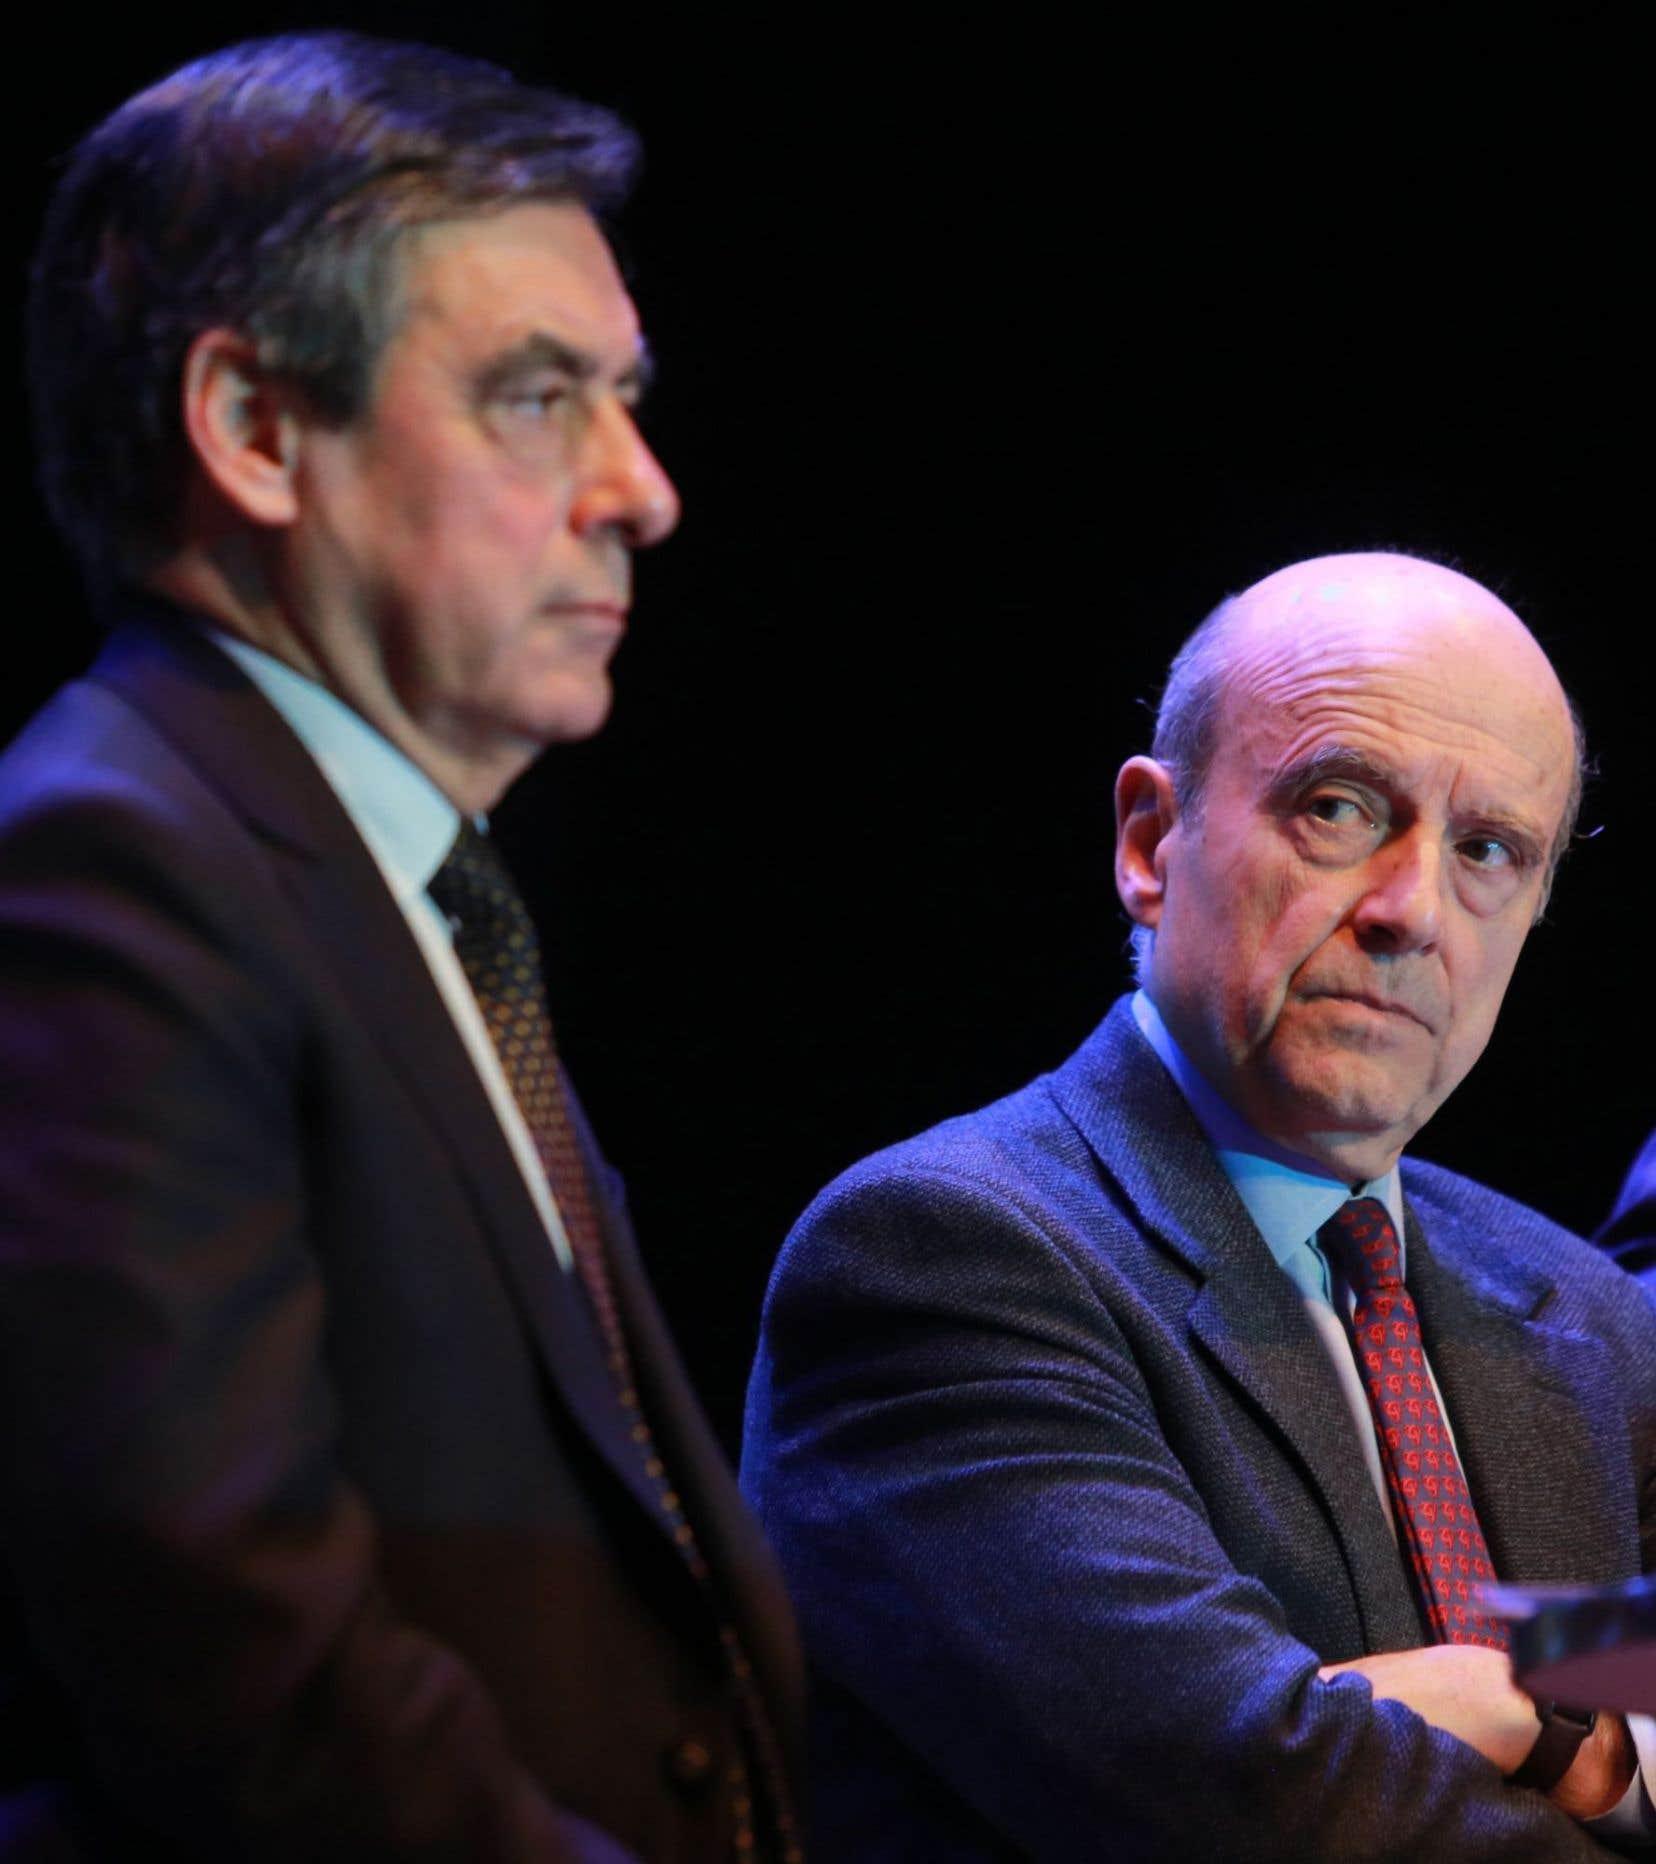 Les deux candidats qui s'affronteront lors du deuxième tour de la primaire chez Les Républicains, François Fillon et Alain Juppé.